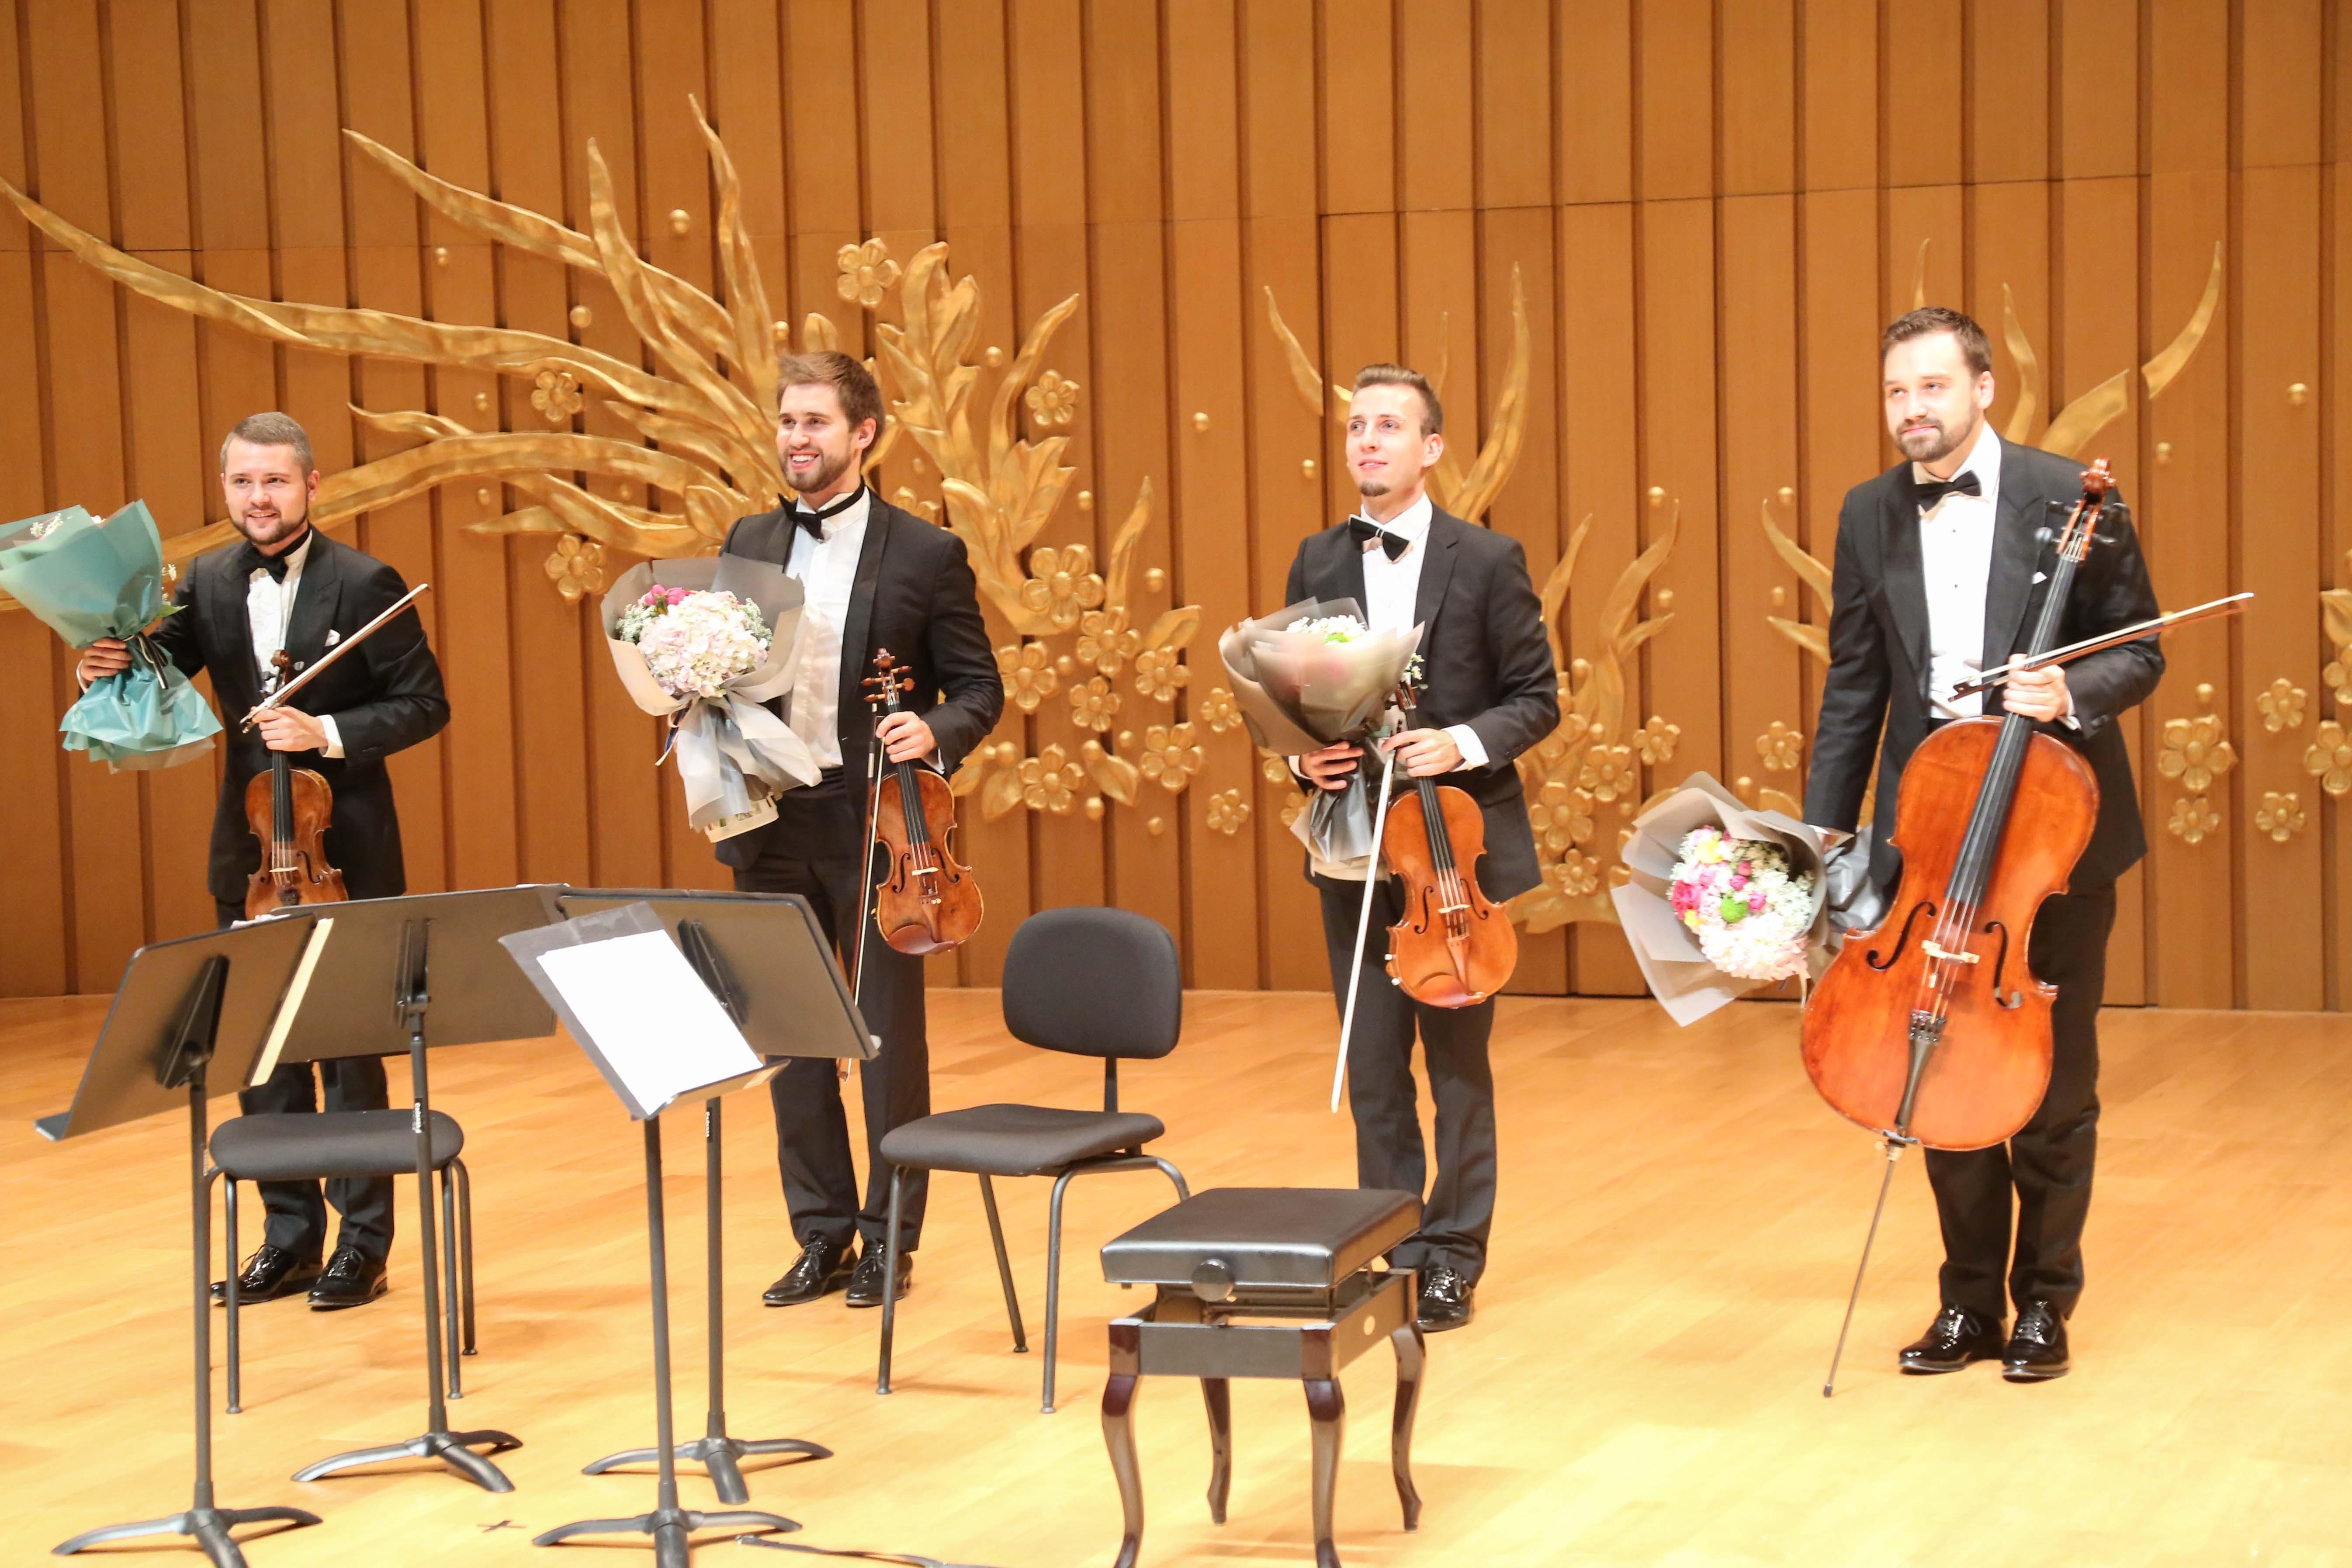 其中一首是弦乐四重奏版的中国曲目《茉莉花》,一曲奏罢,整个音乐厅